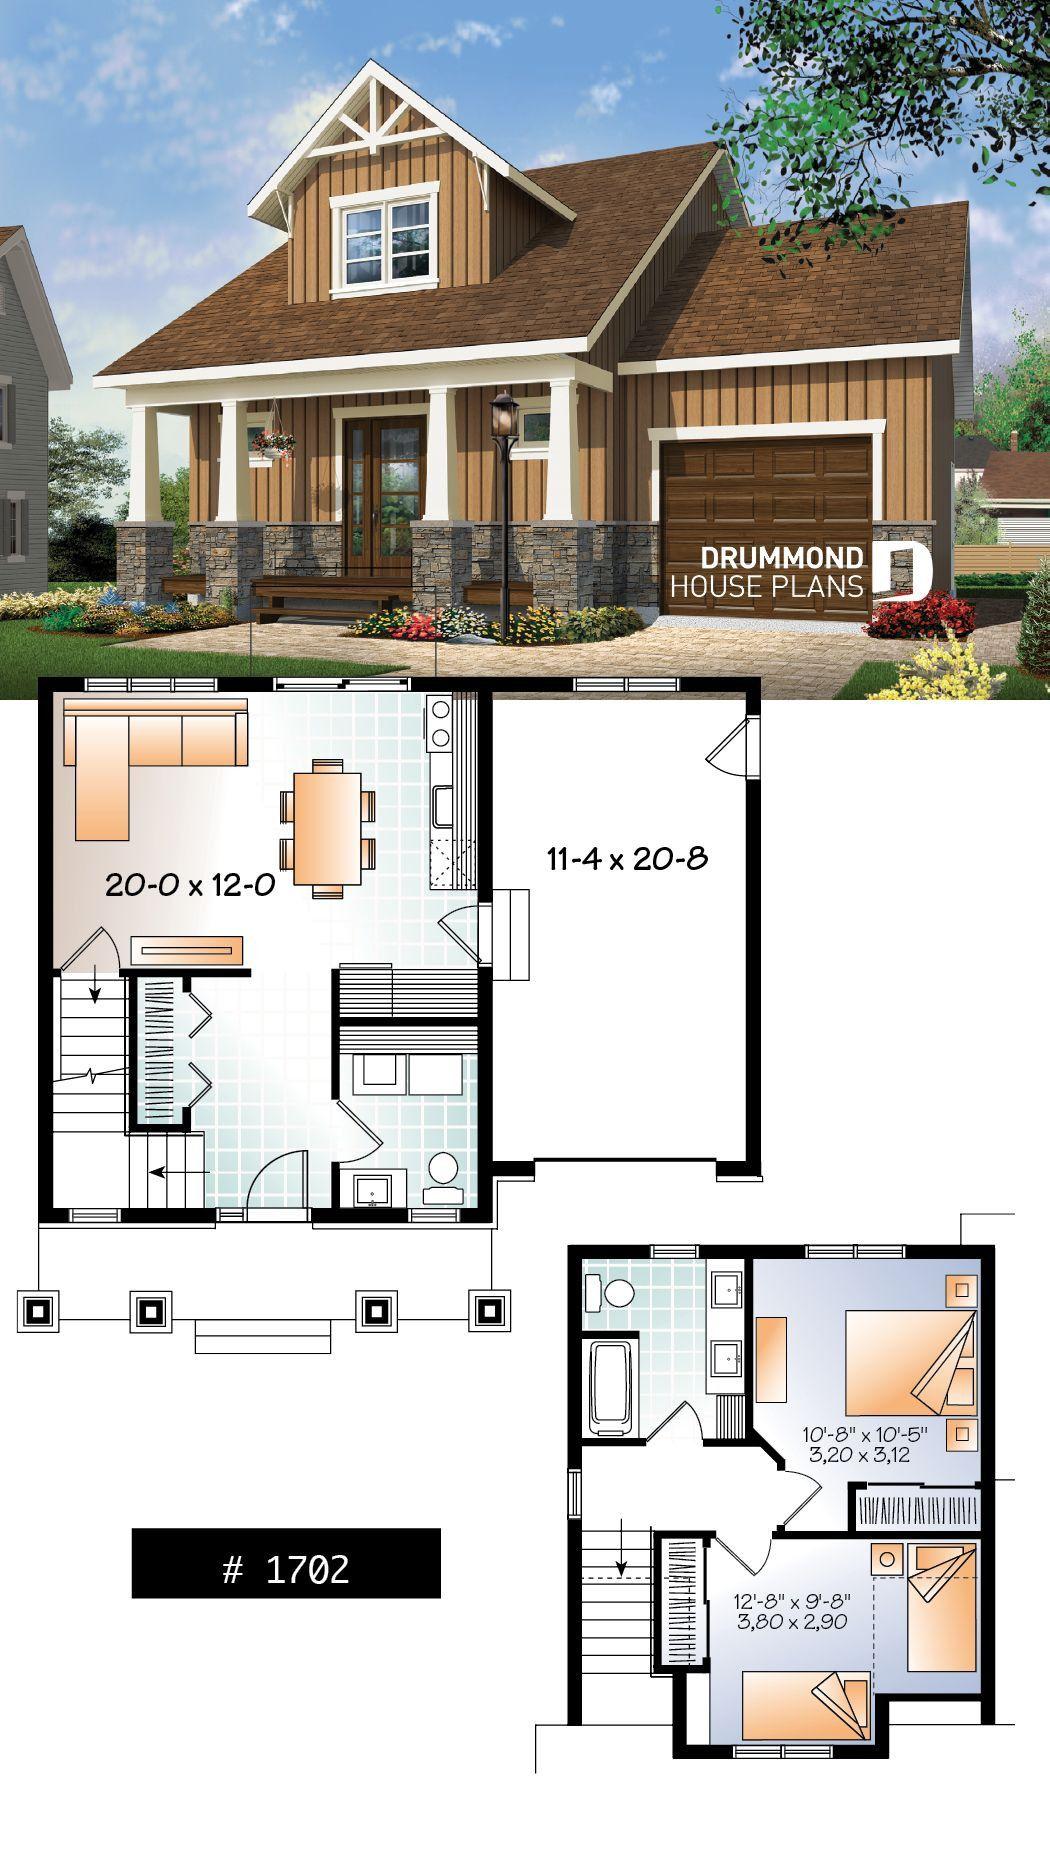 2 Bedroom House Plans Open Floor Plan 2021 Open Concept House Plans Sims House Plans House Plans